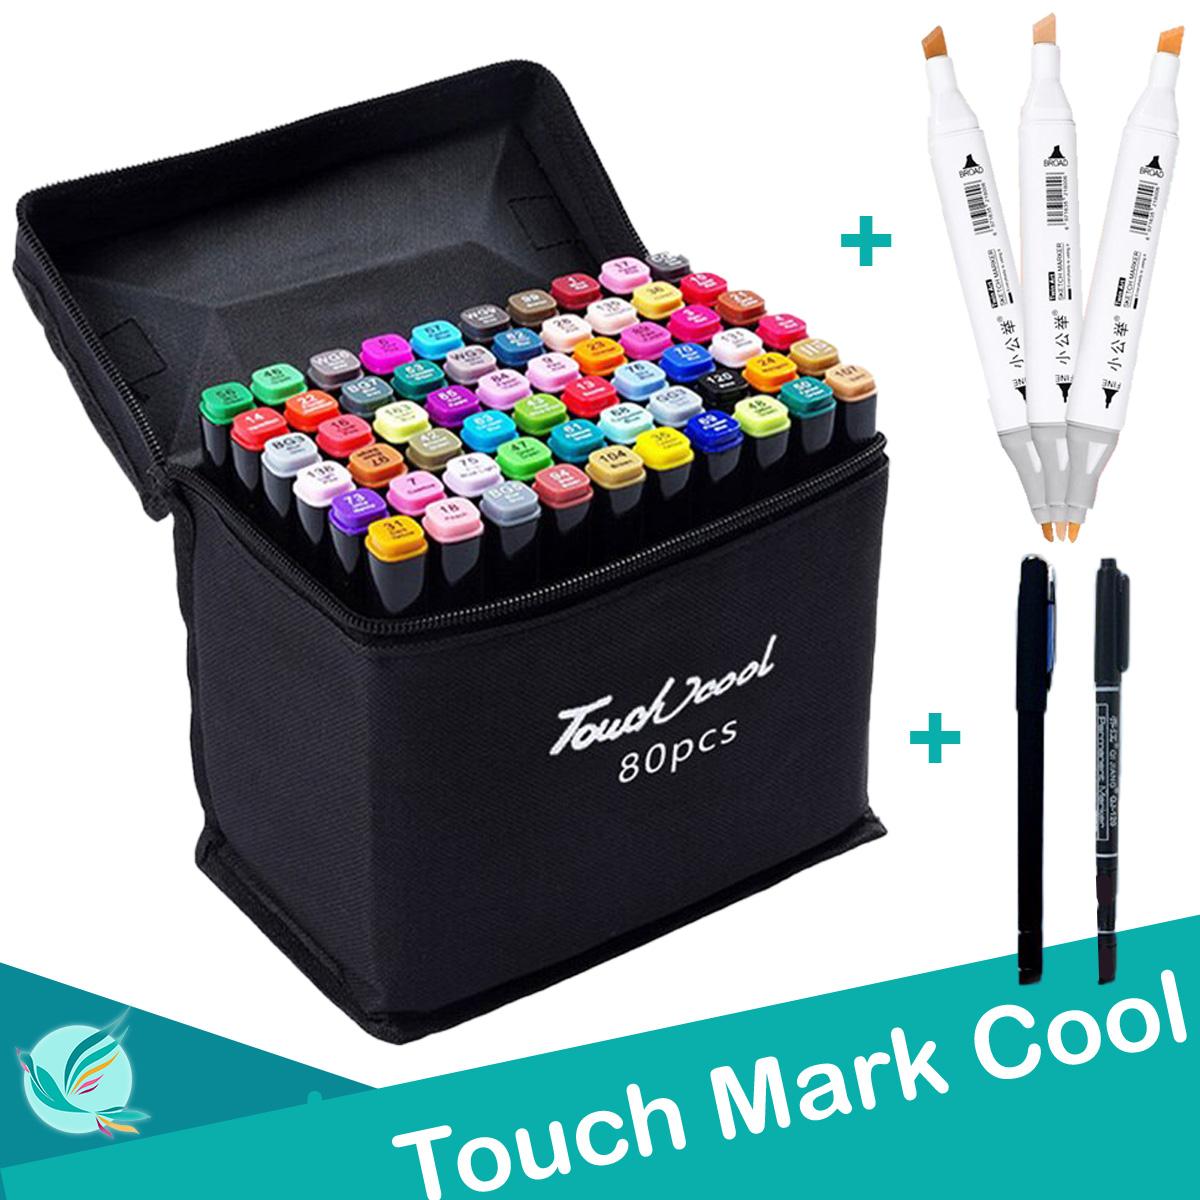 Ưu Đãi Giá cho Bút Màu TouchCool Marker 30/40/60/80 Màu. Tặng Kèm 3 Bút Da +2 Bút Line đen Trắng , Touch Cool Bút Vẽ Chuyên Nghiệp